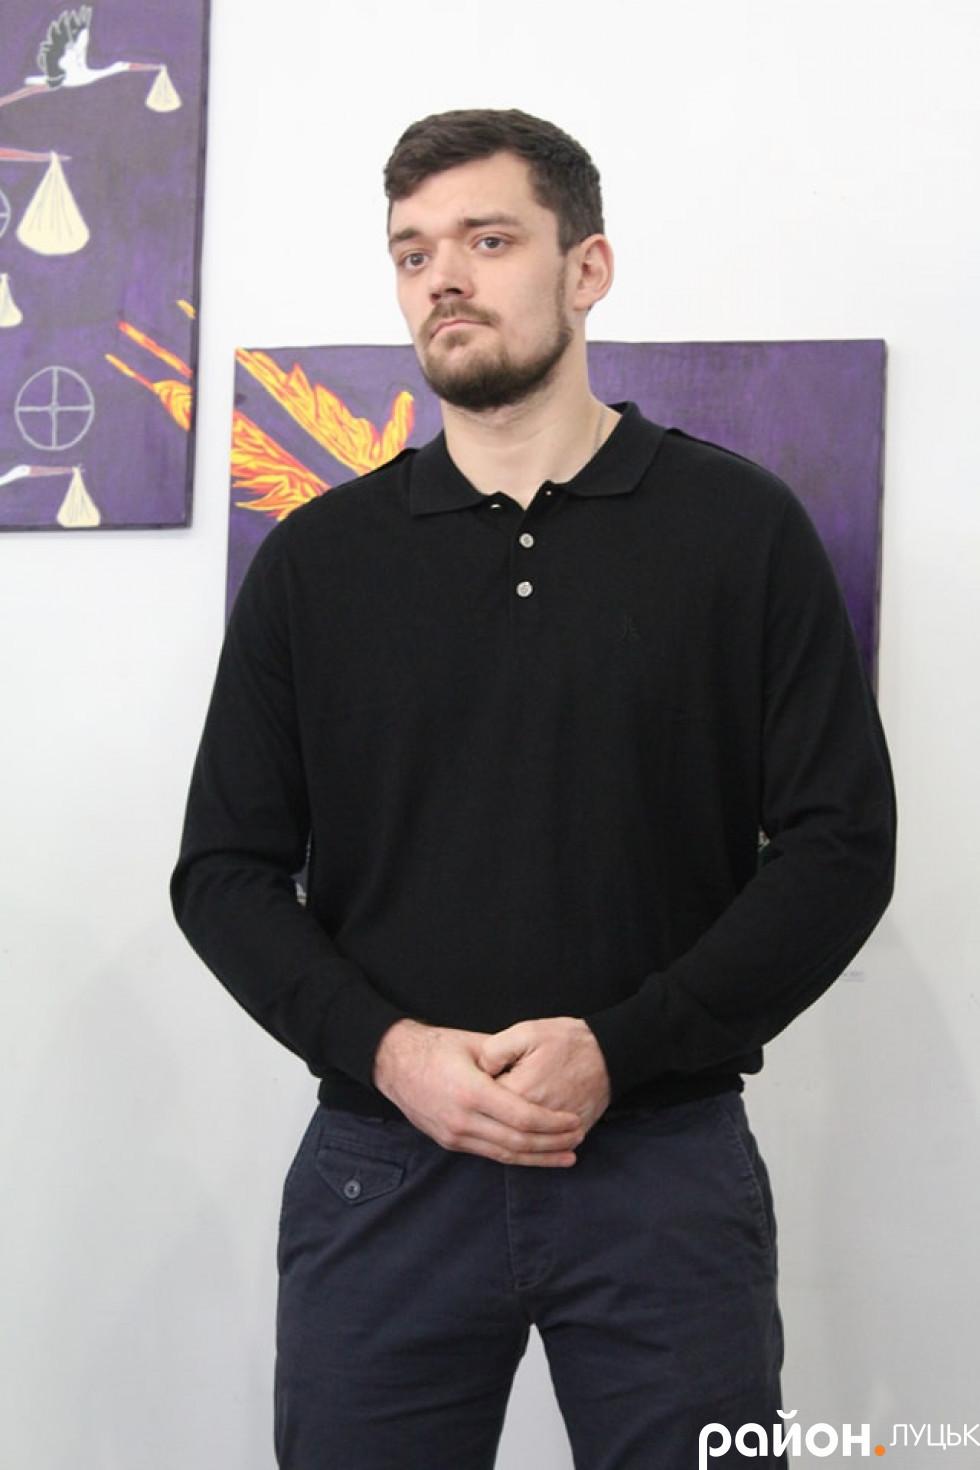 Колишній боєць АТО Андрій Соломін